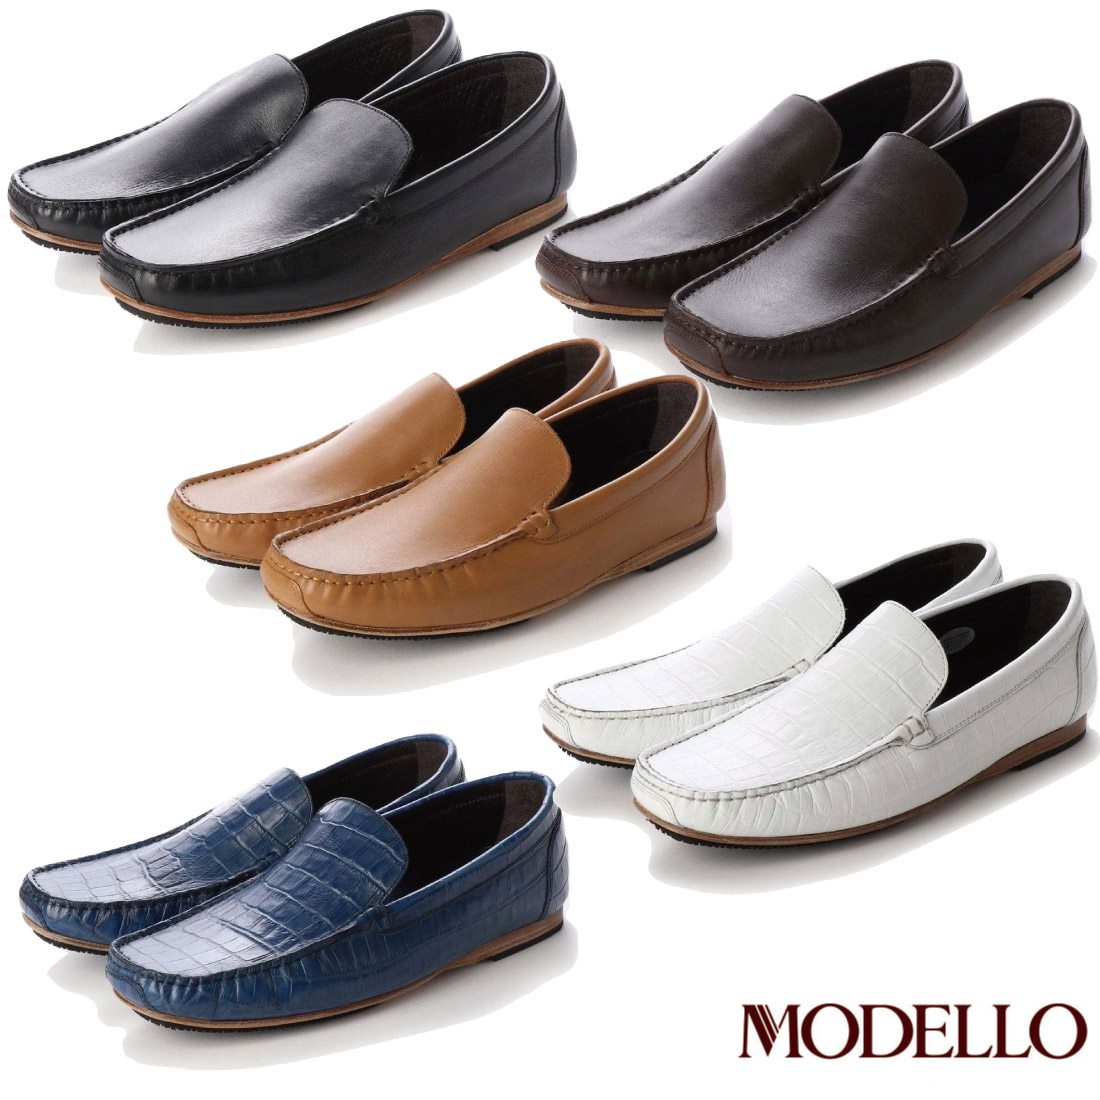 本革 高級 MODELLO モデロ 靴 【新品】 レザーソール DM5511 スリップオン シューズ 【nesh】 本革